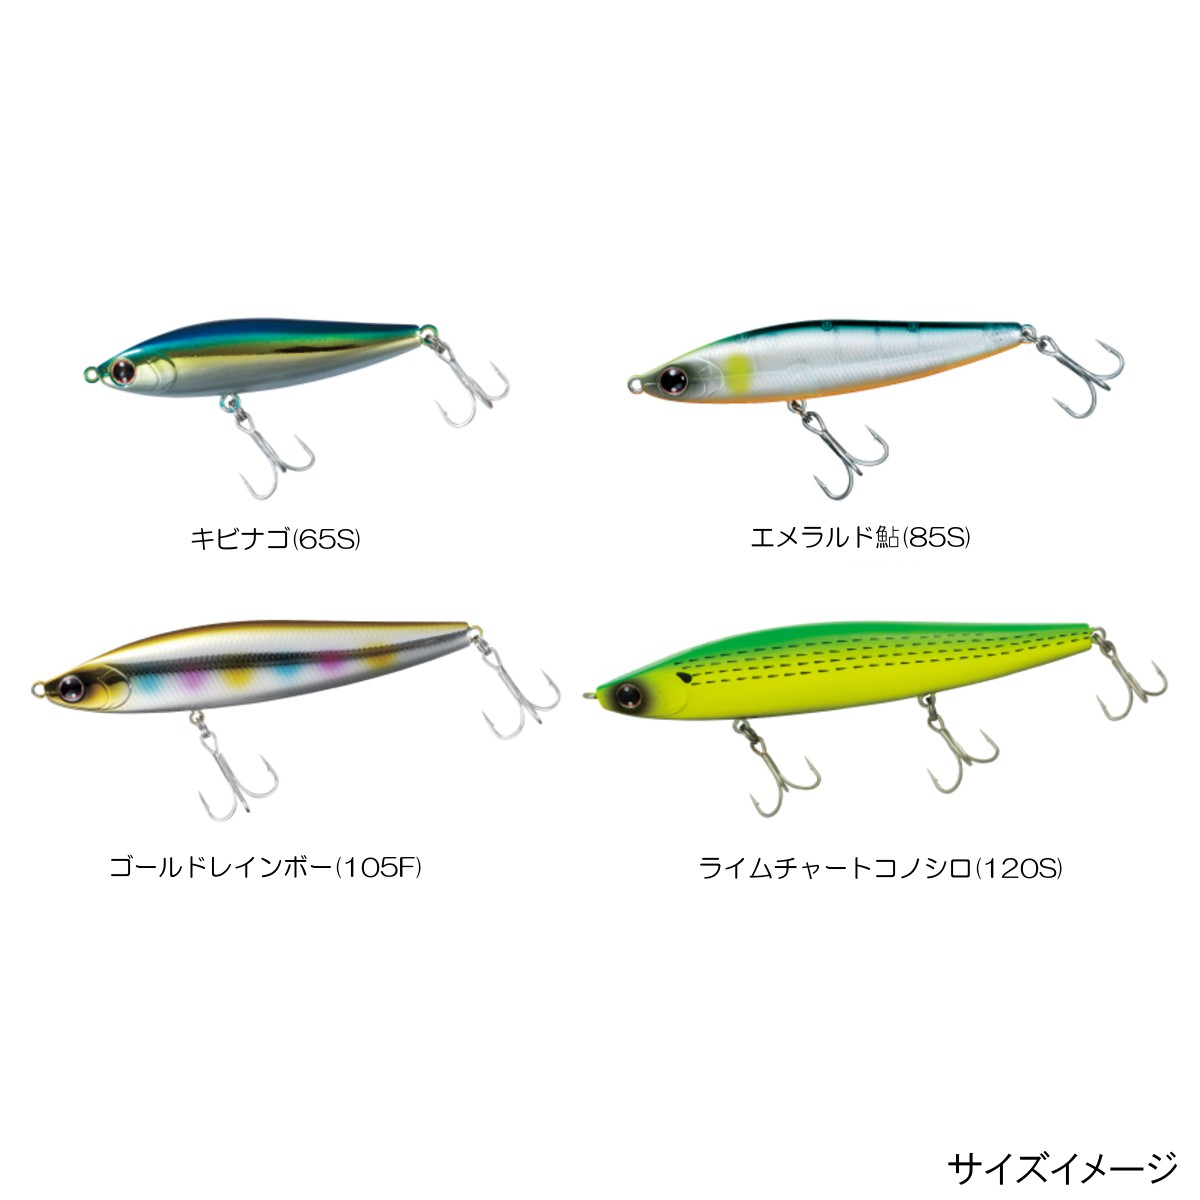 大和(Daiwa)moazansuitchihitta 105F raimuchatokonoshiro